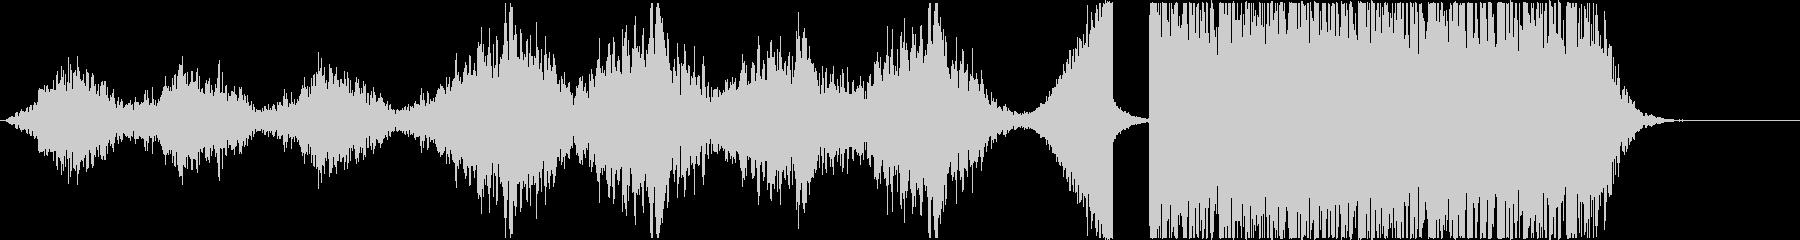 古いホラー風~打楽器◆予告編/トレーラーの未再生の波形